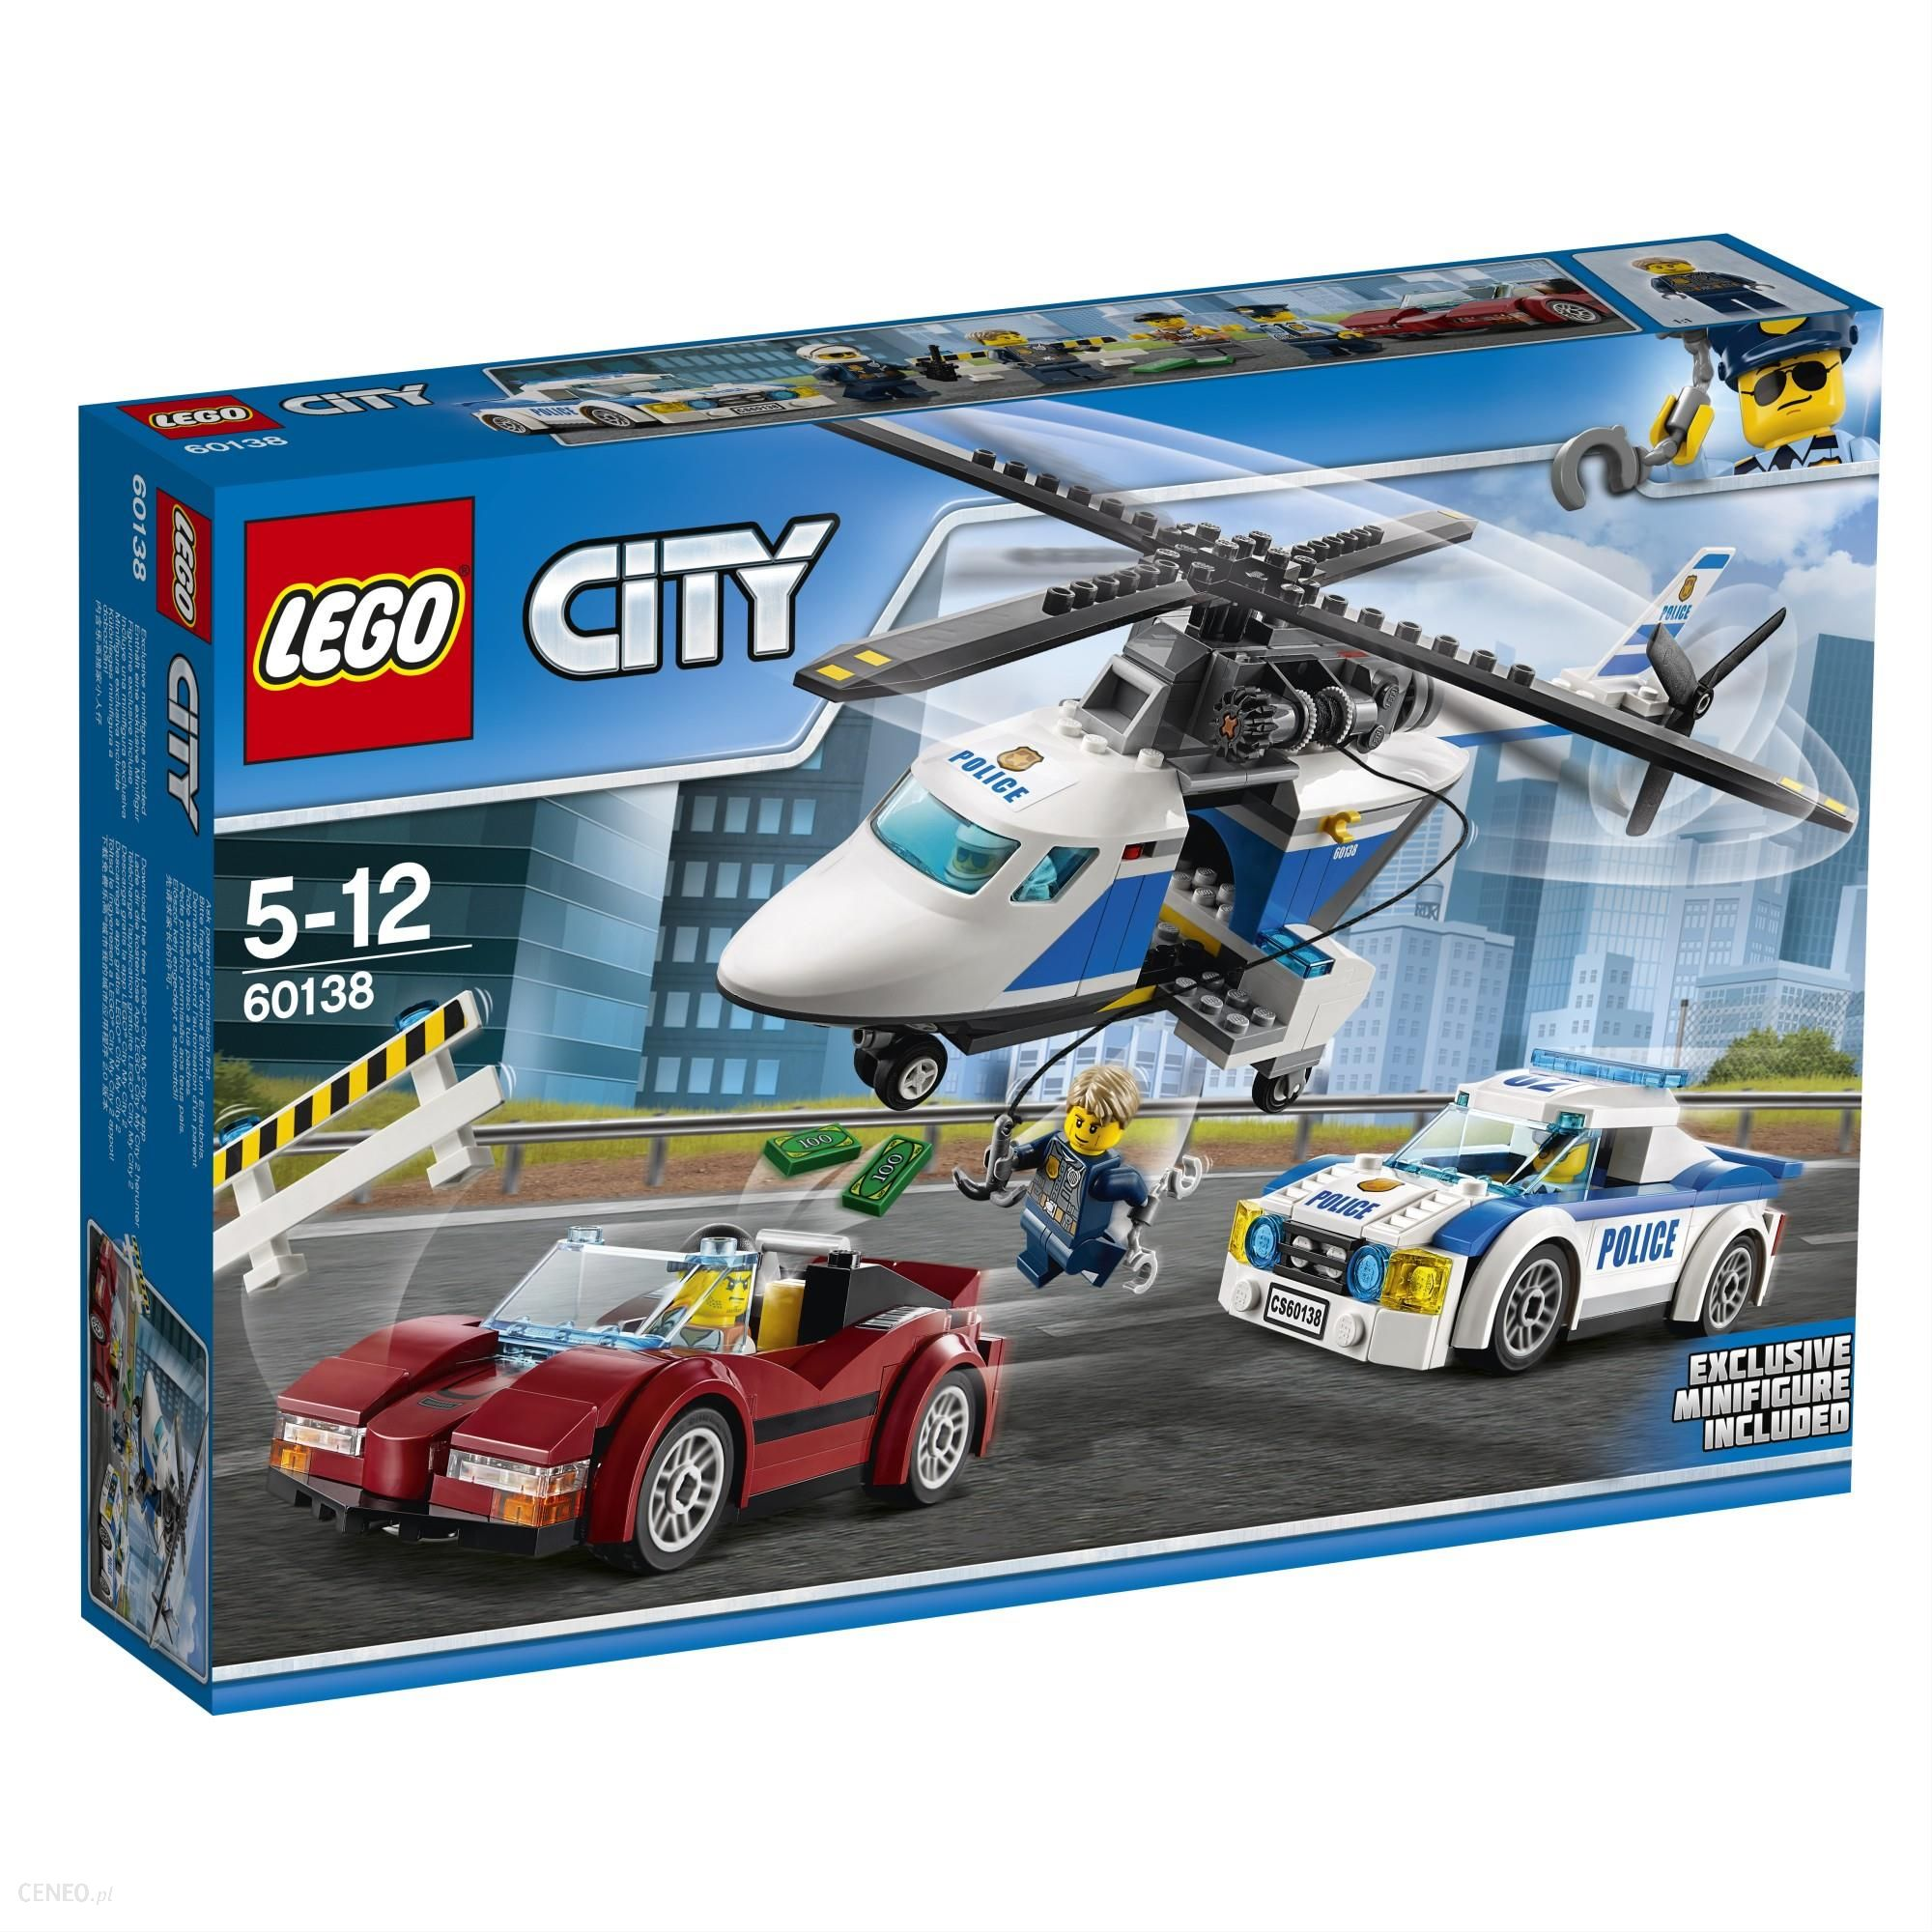 Klocki Lego City Szybki Pościg 60138 Ceny I Opinie Ceneopl